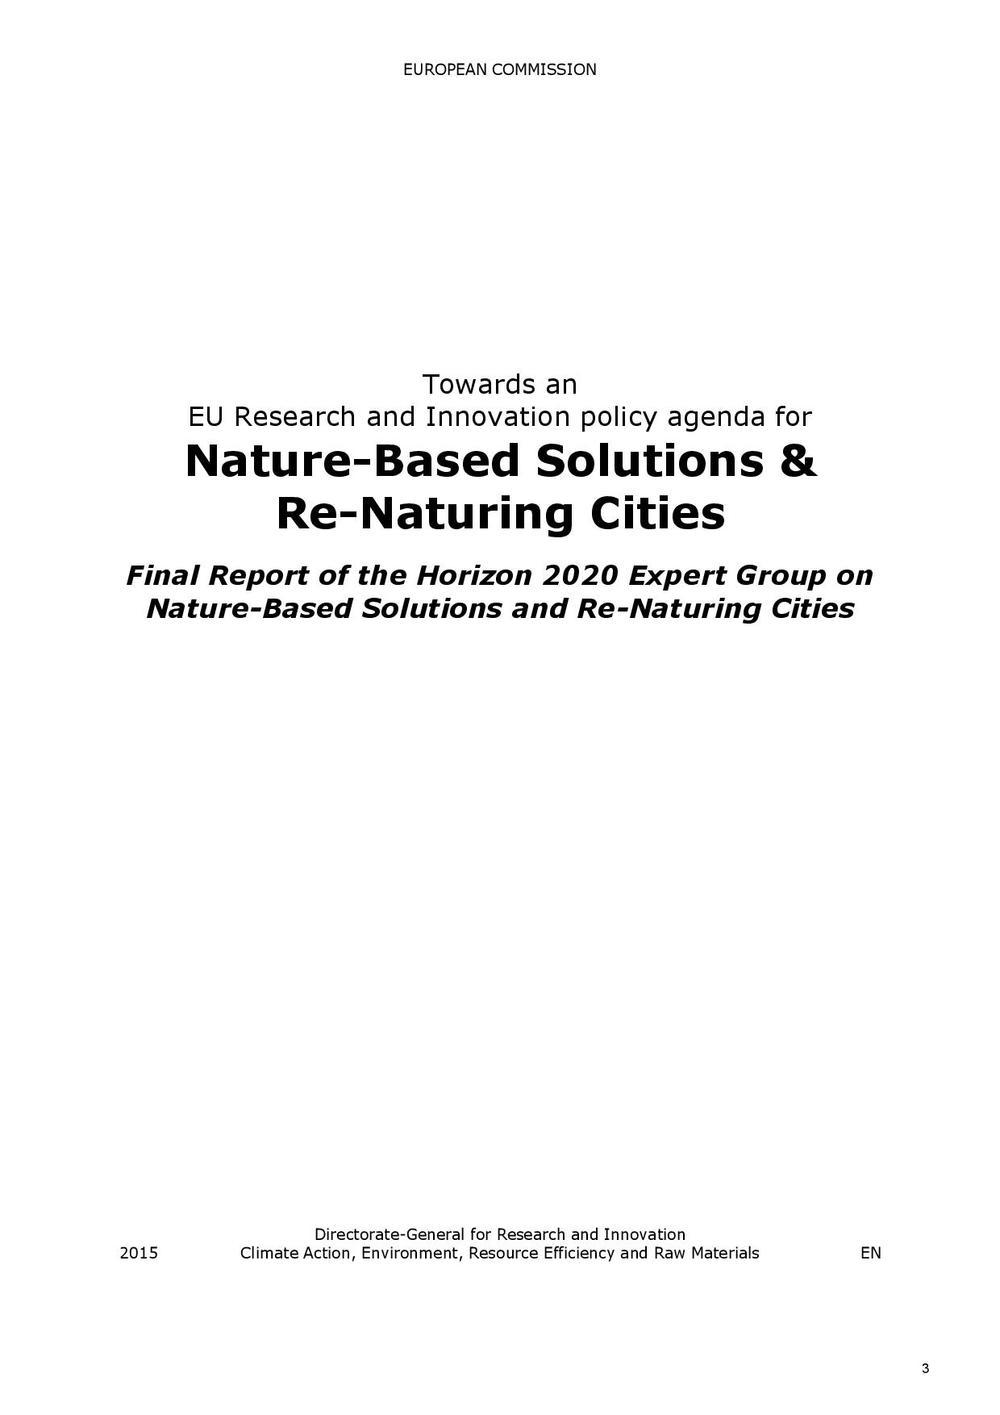 DG RTD_WEB-Publication A4_NBS_long_version_20150310-page-003.jpg